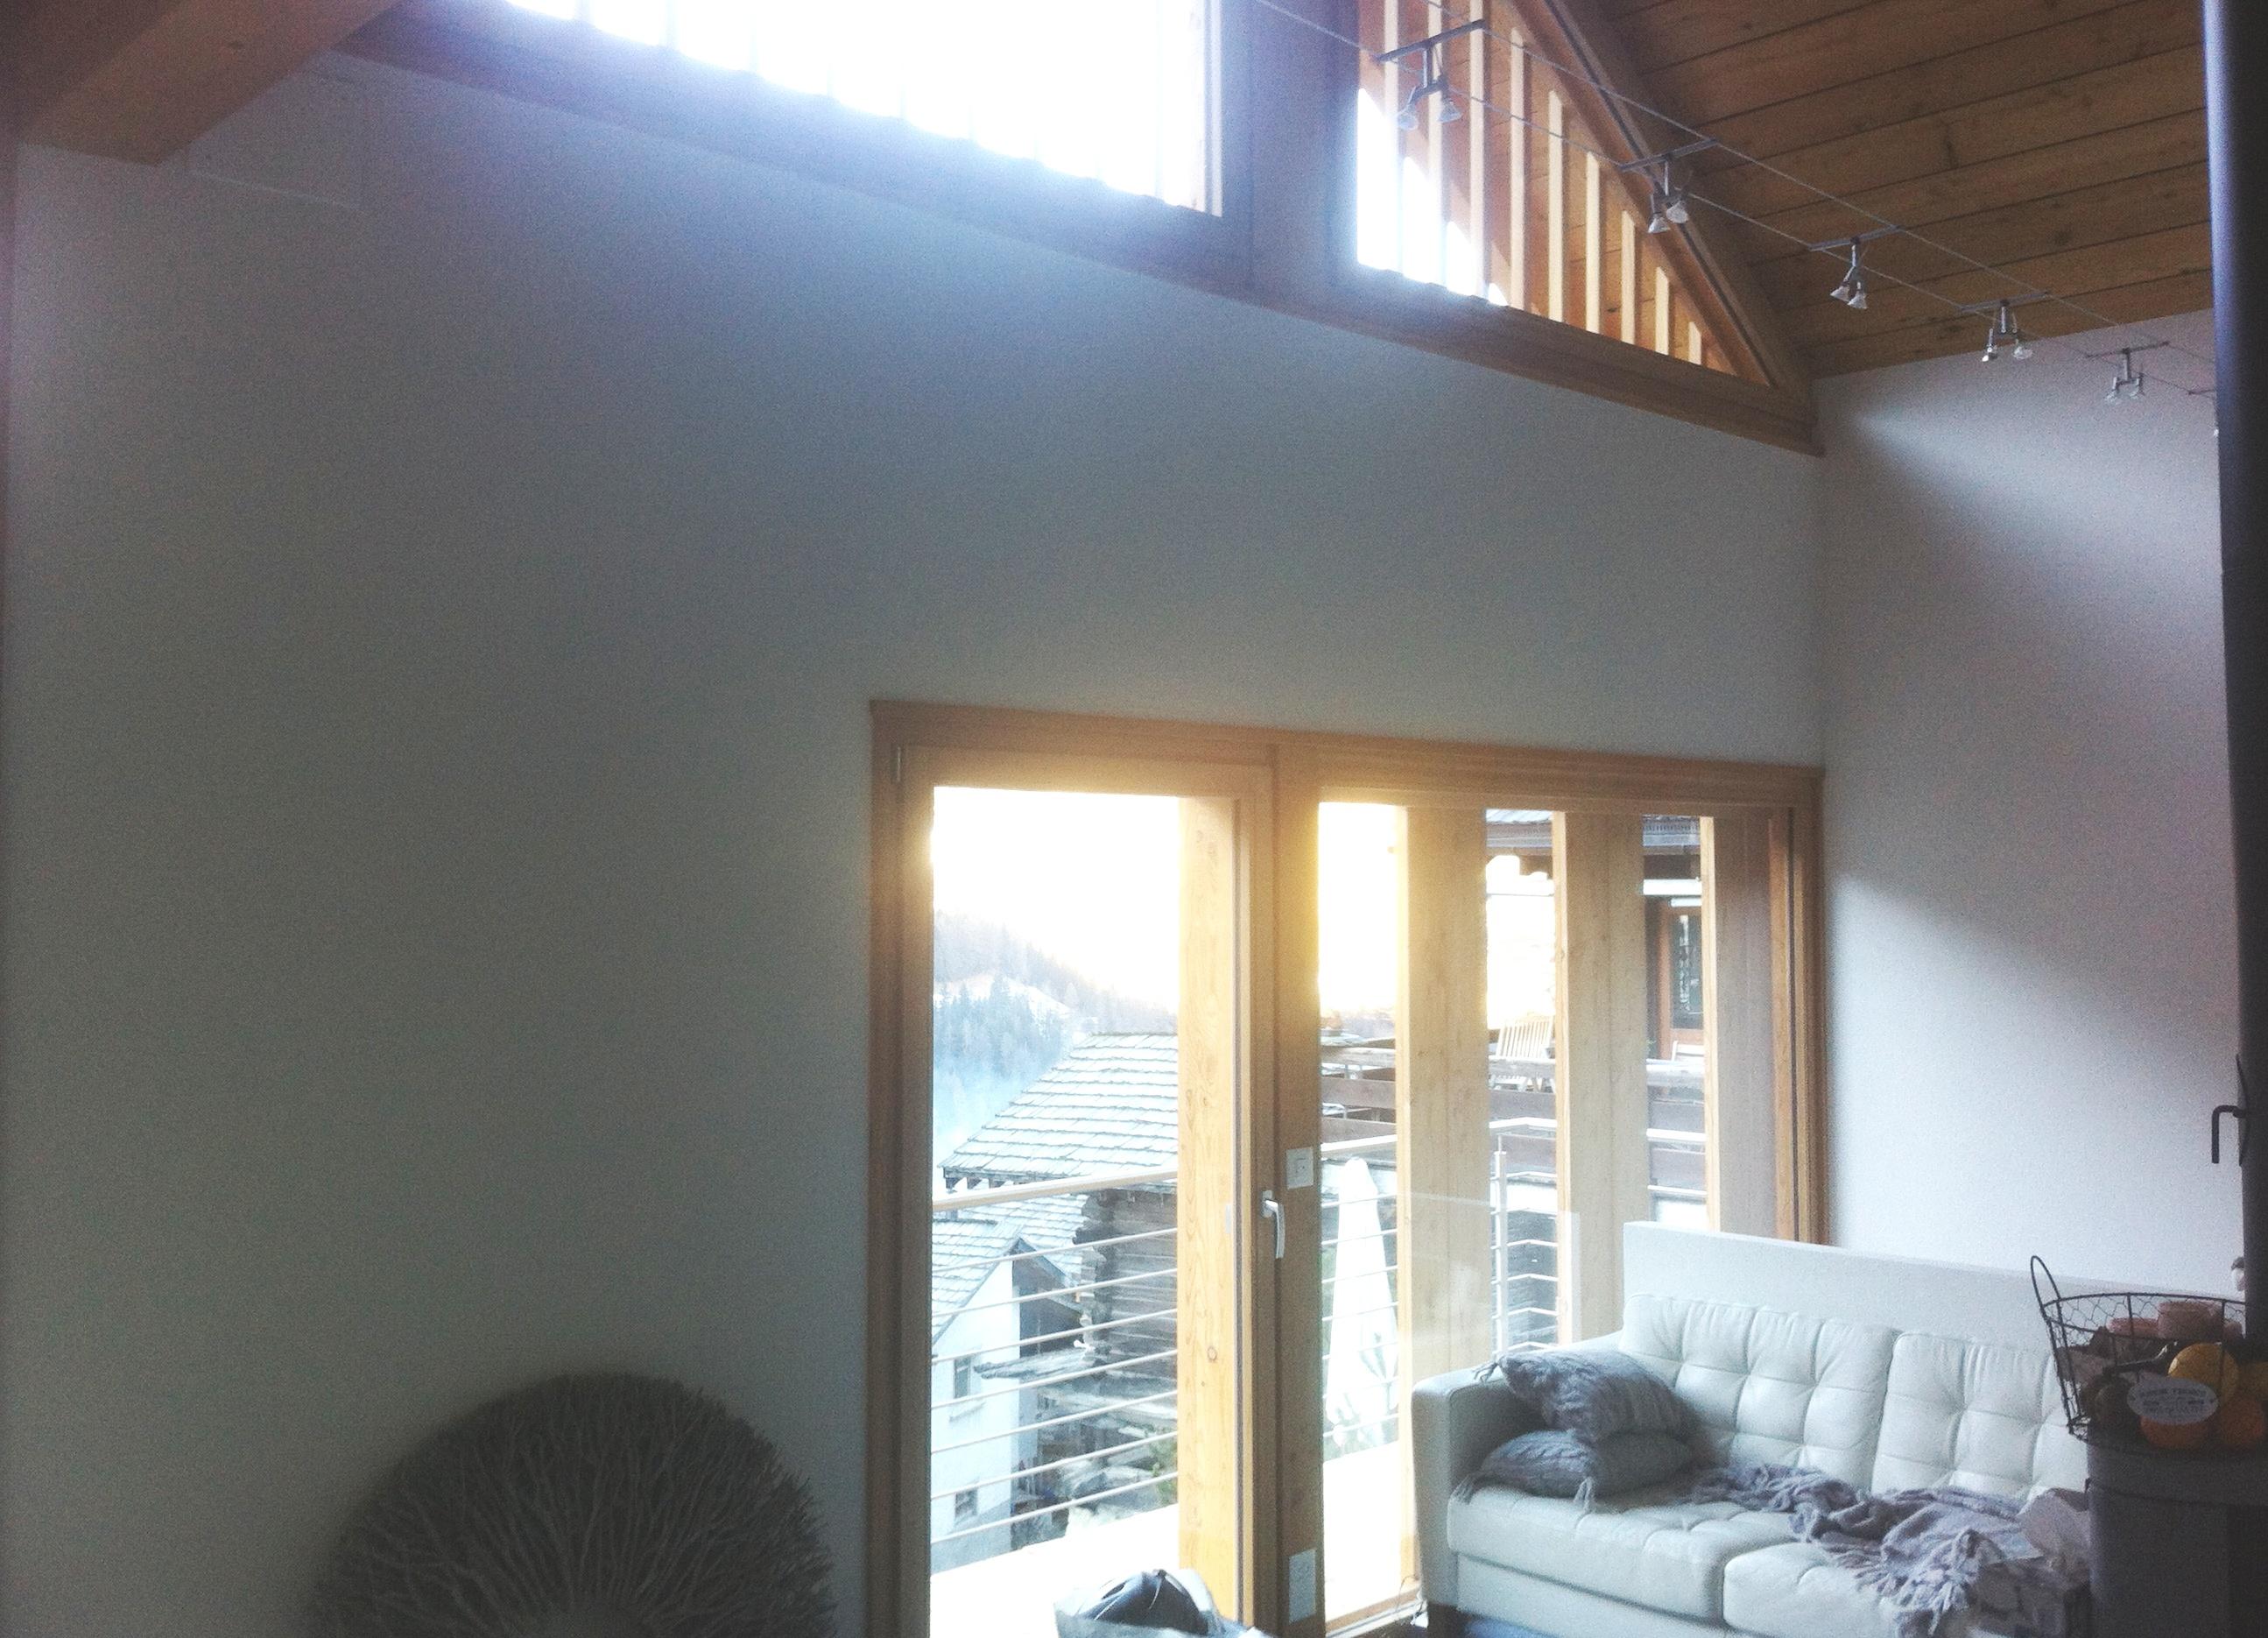 Transformation d une grange curie ayer revey s rl for Peinture sur lambris vernis